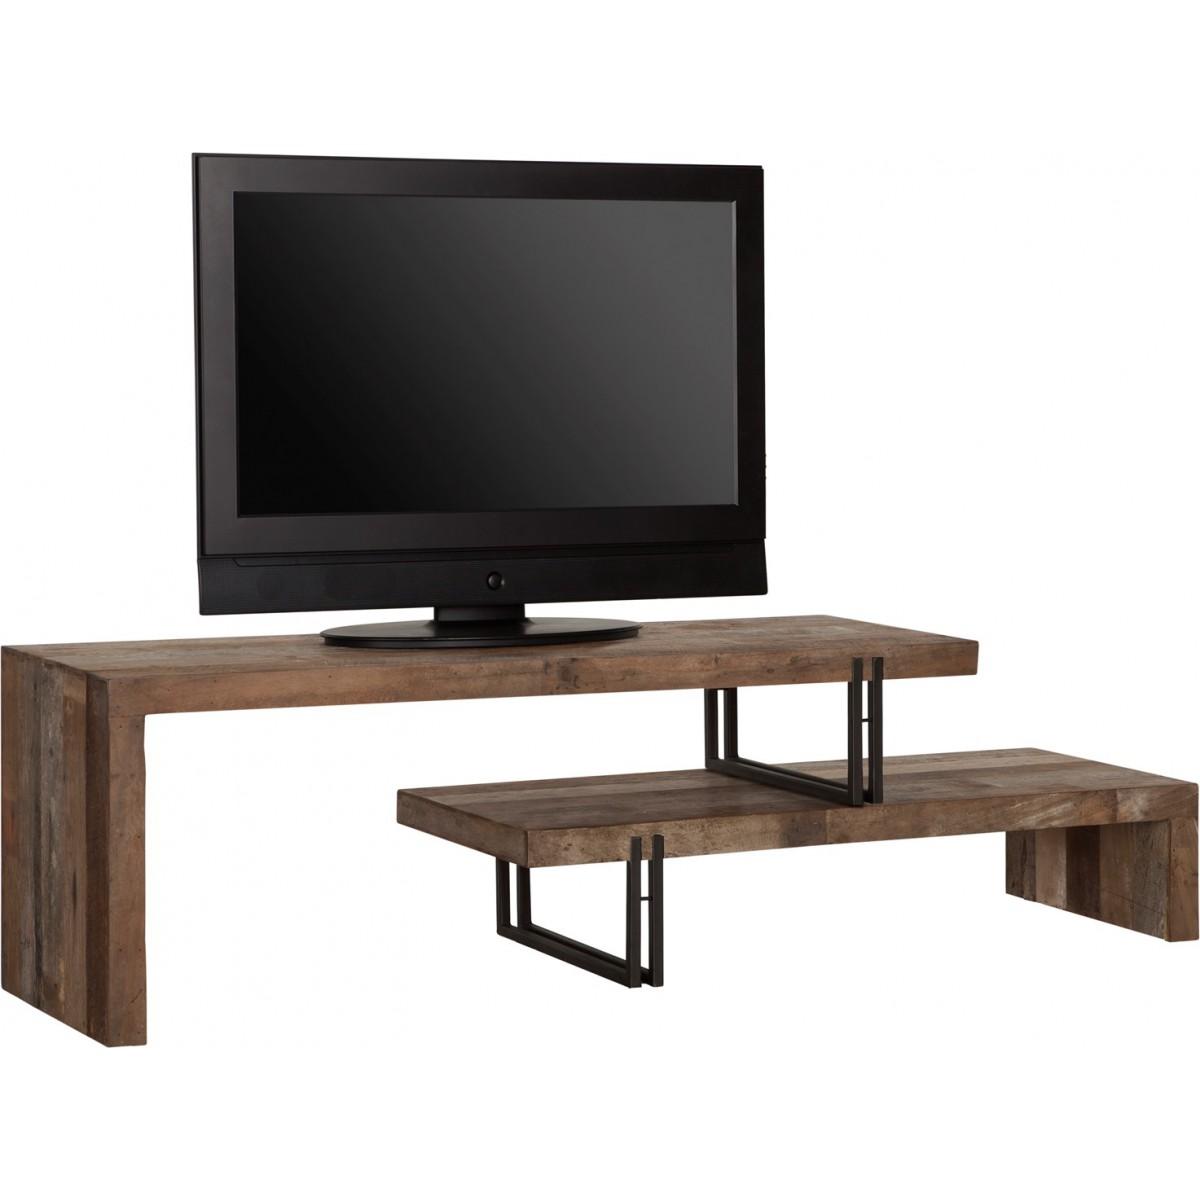 tuareg-tv-meubel-2-planken-verlengbaar-45x200x40-cm-miltonhouse2